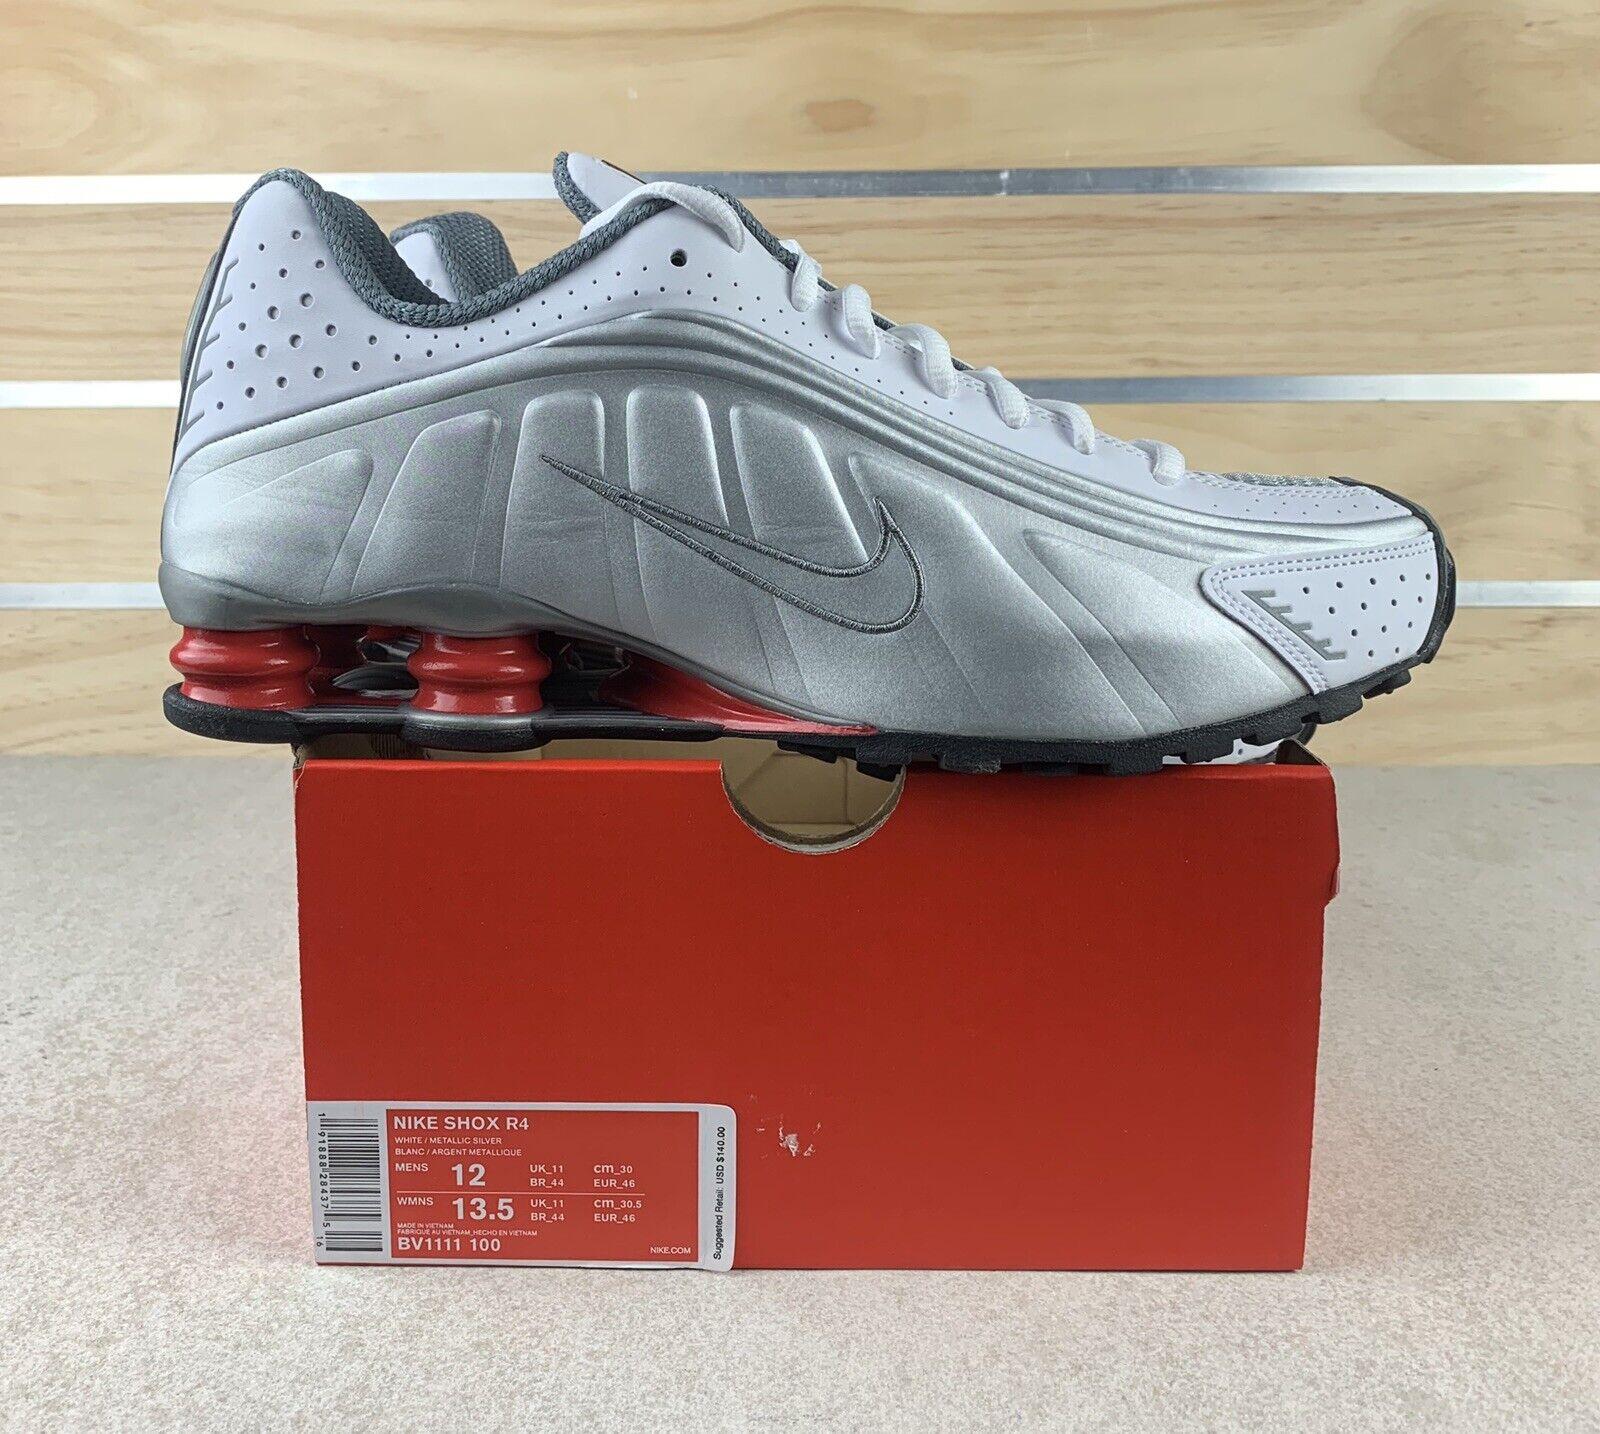 Nike Shox R4 White Metallic Silver Bv1111 100 Mens Size 12